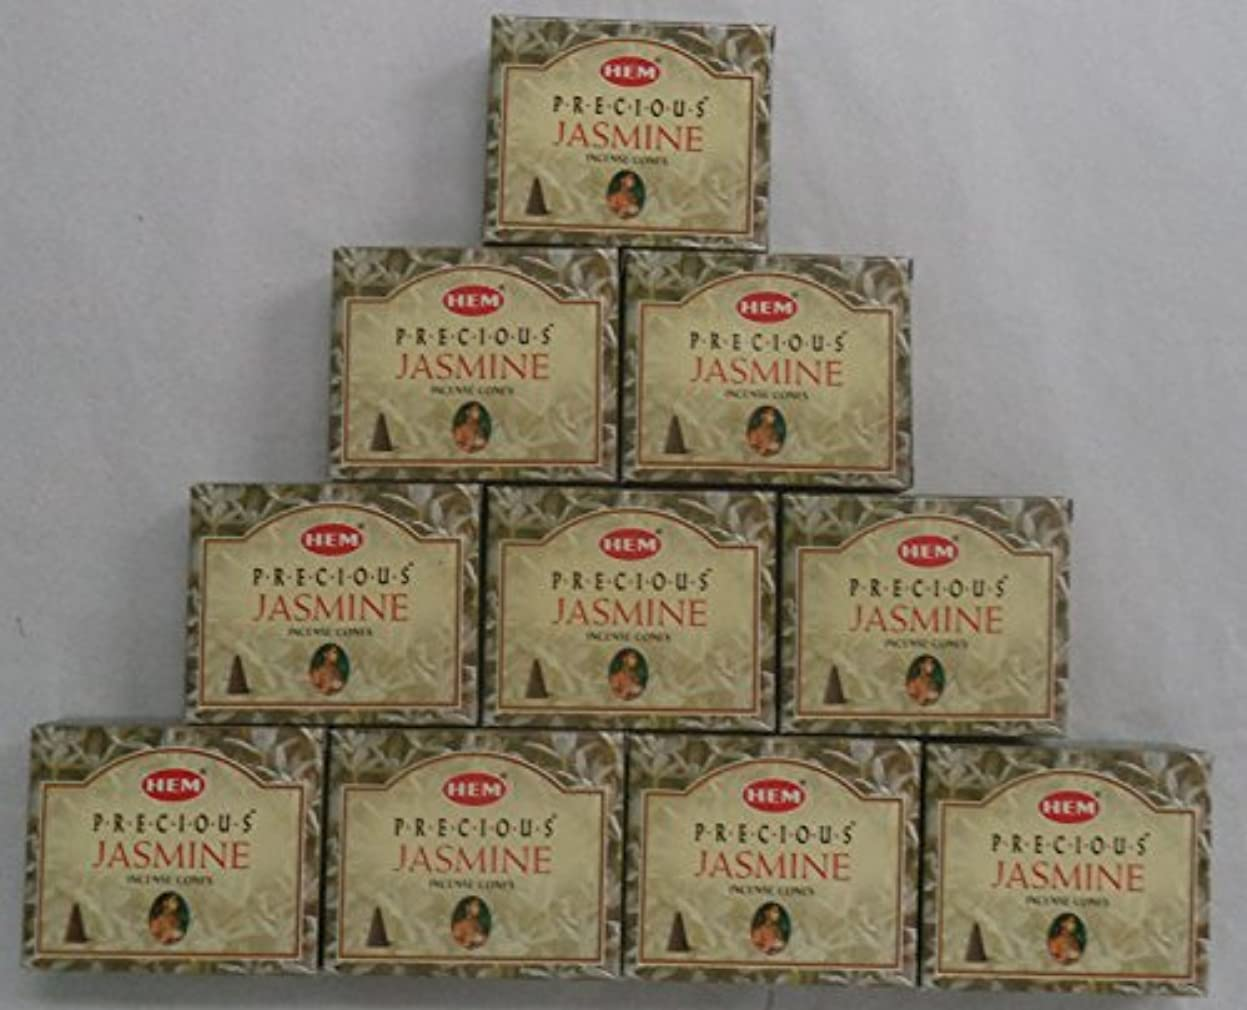 歌ネット地球HEM Incense Cones: Precious Jasmine - 10 Packs of 10 = 100 Cones by Hem